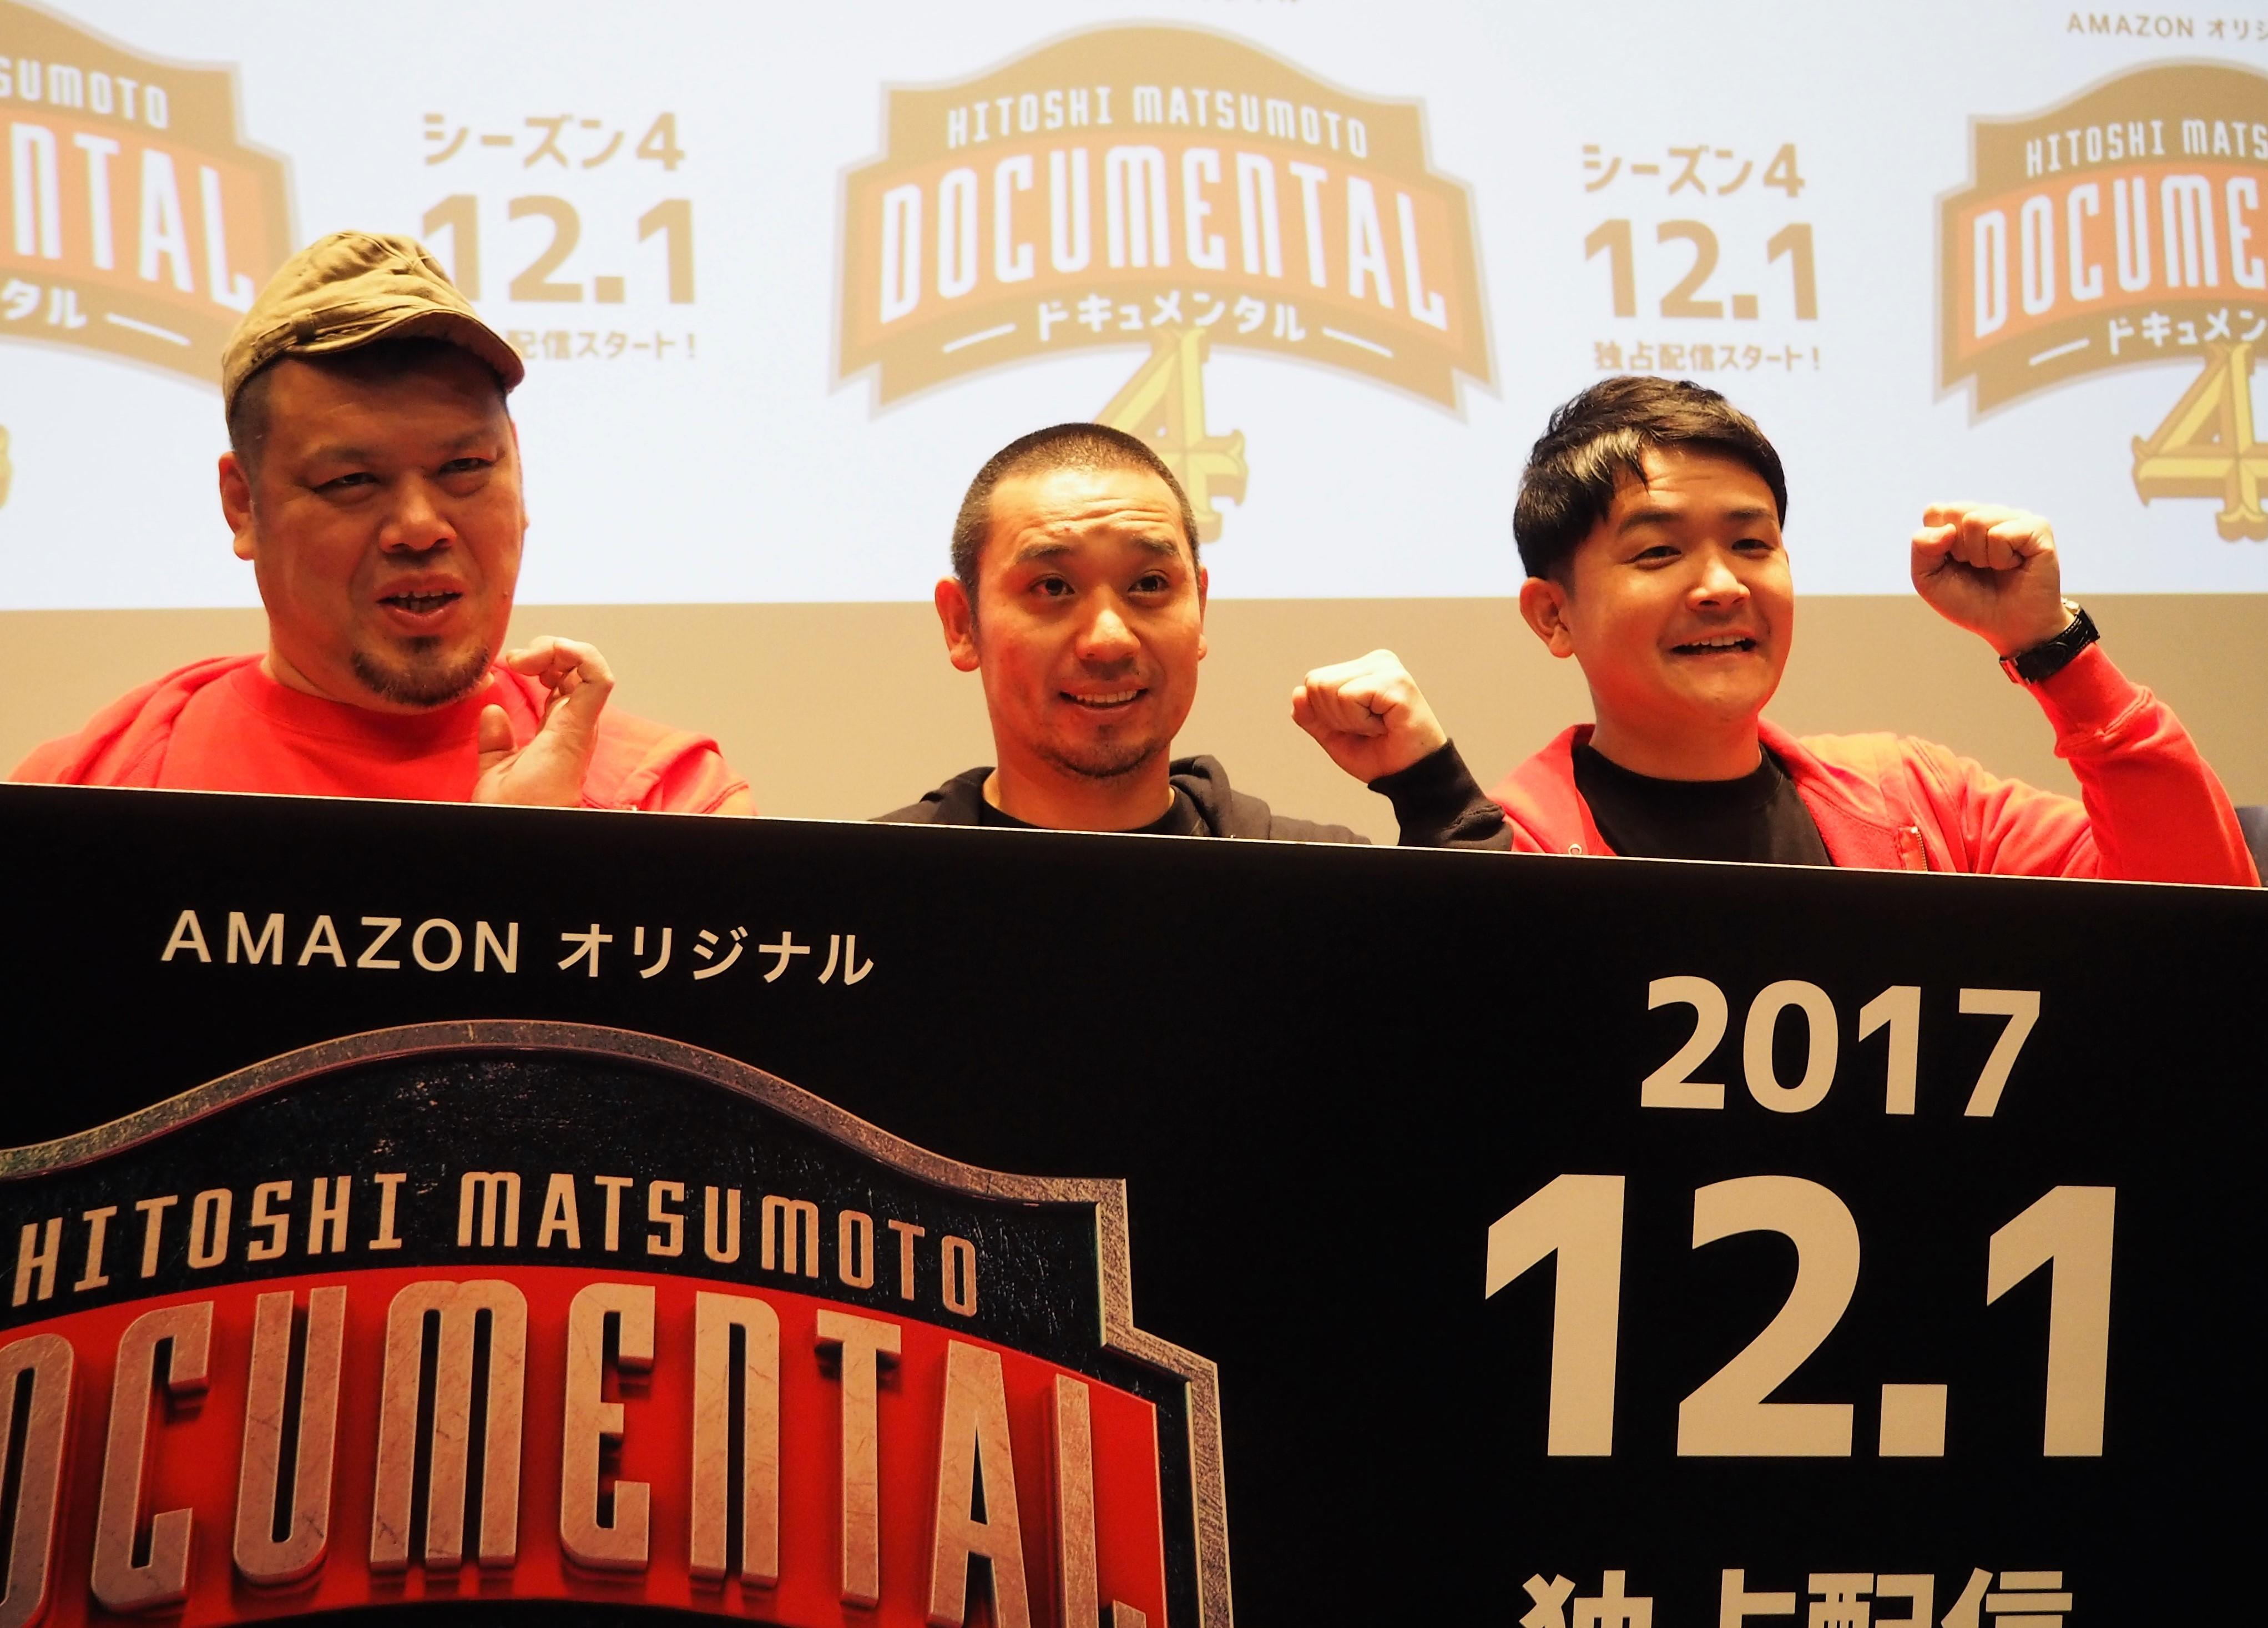 http://news.yoshimoto.co.jp/20171130184655-f2b19f9c13164824dfab2c9680c36d796a4b4cf8.jpg